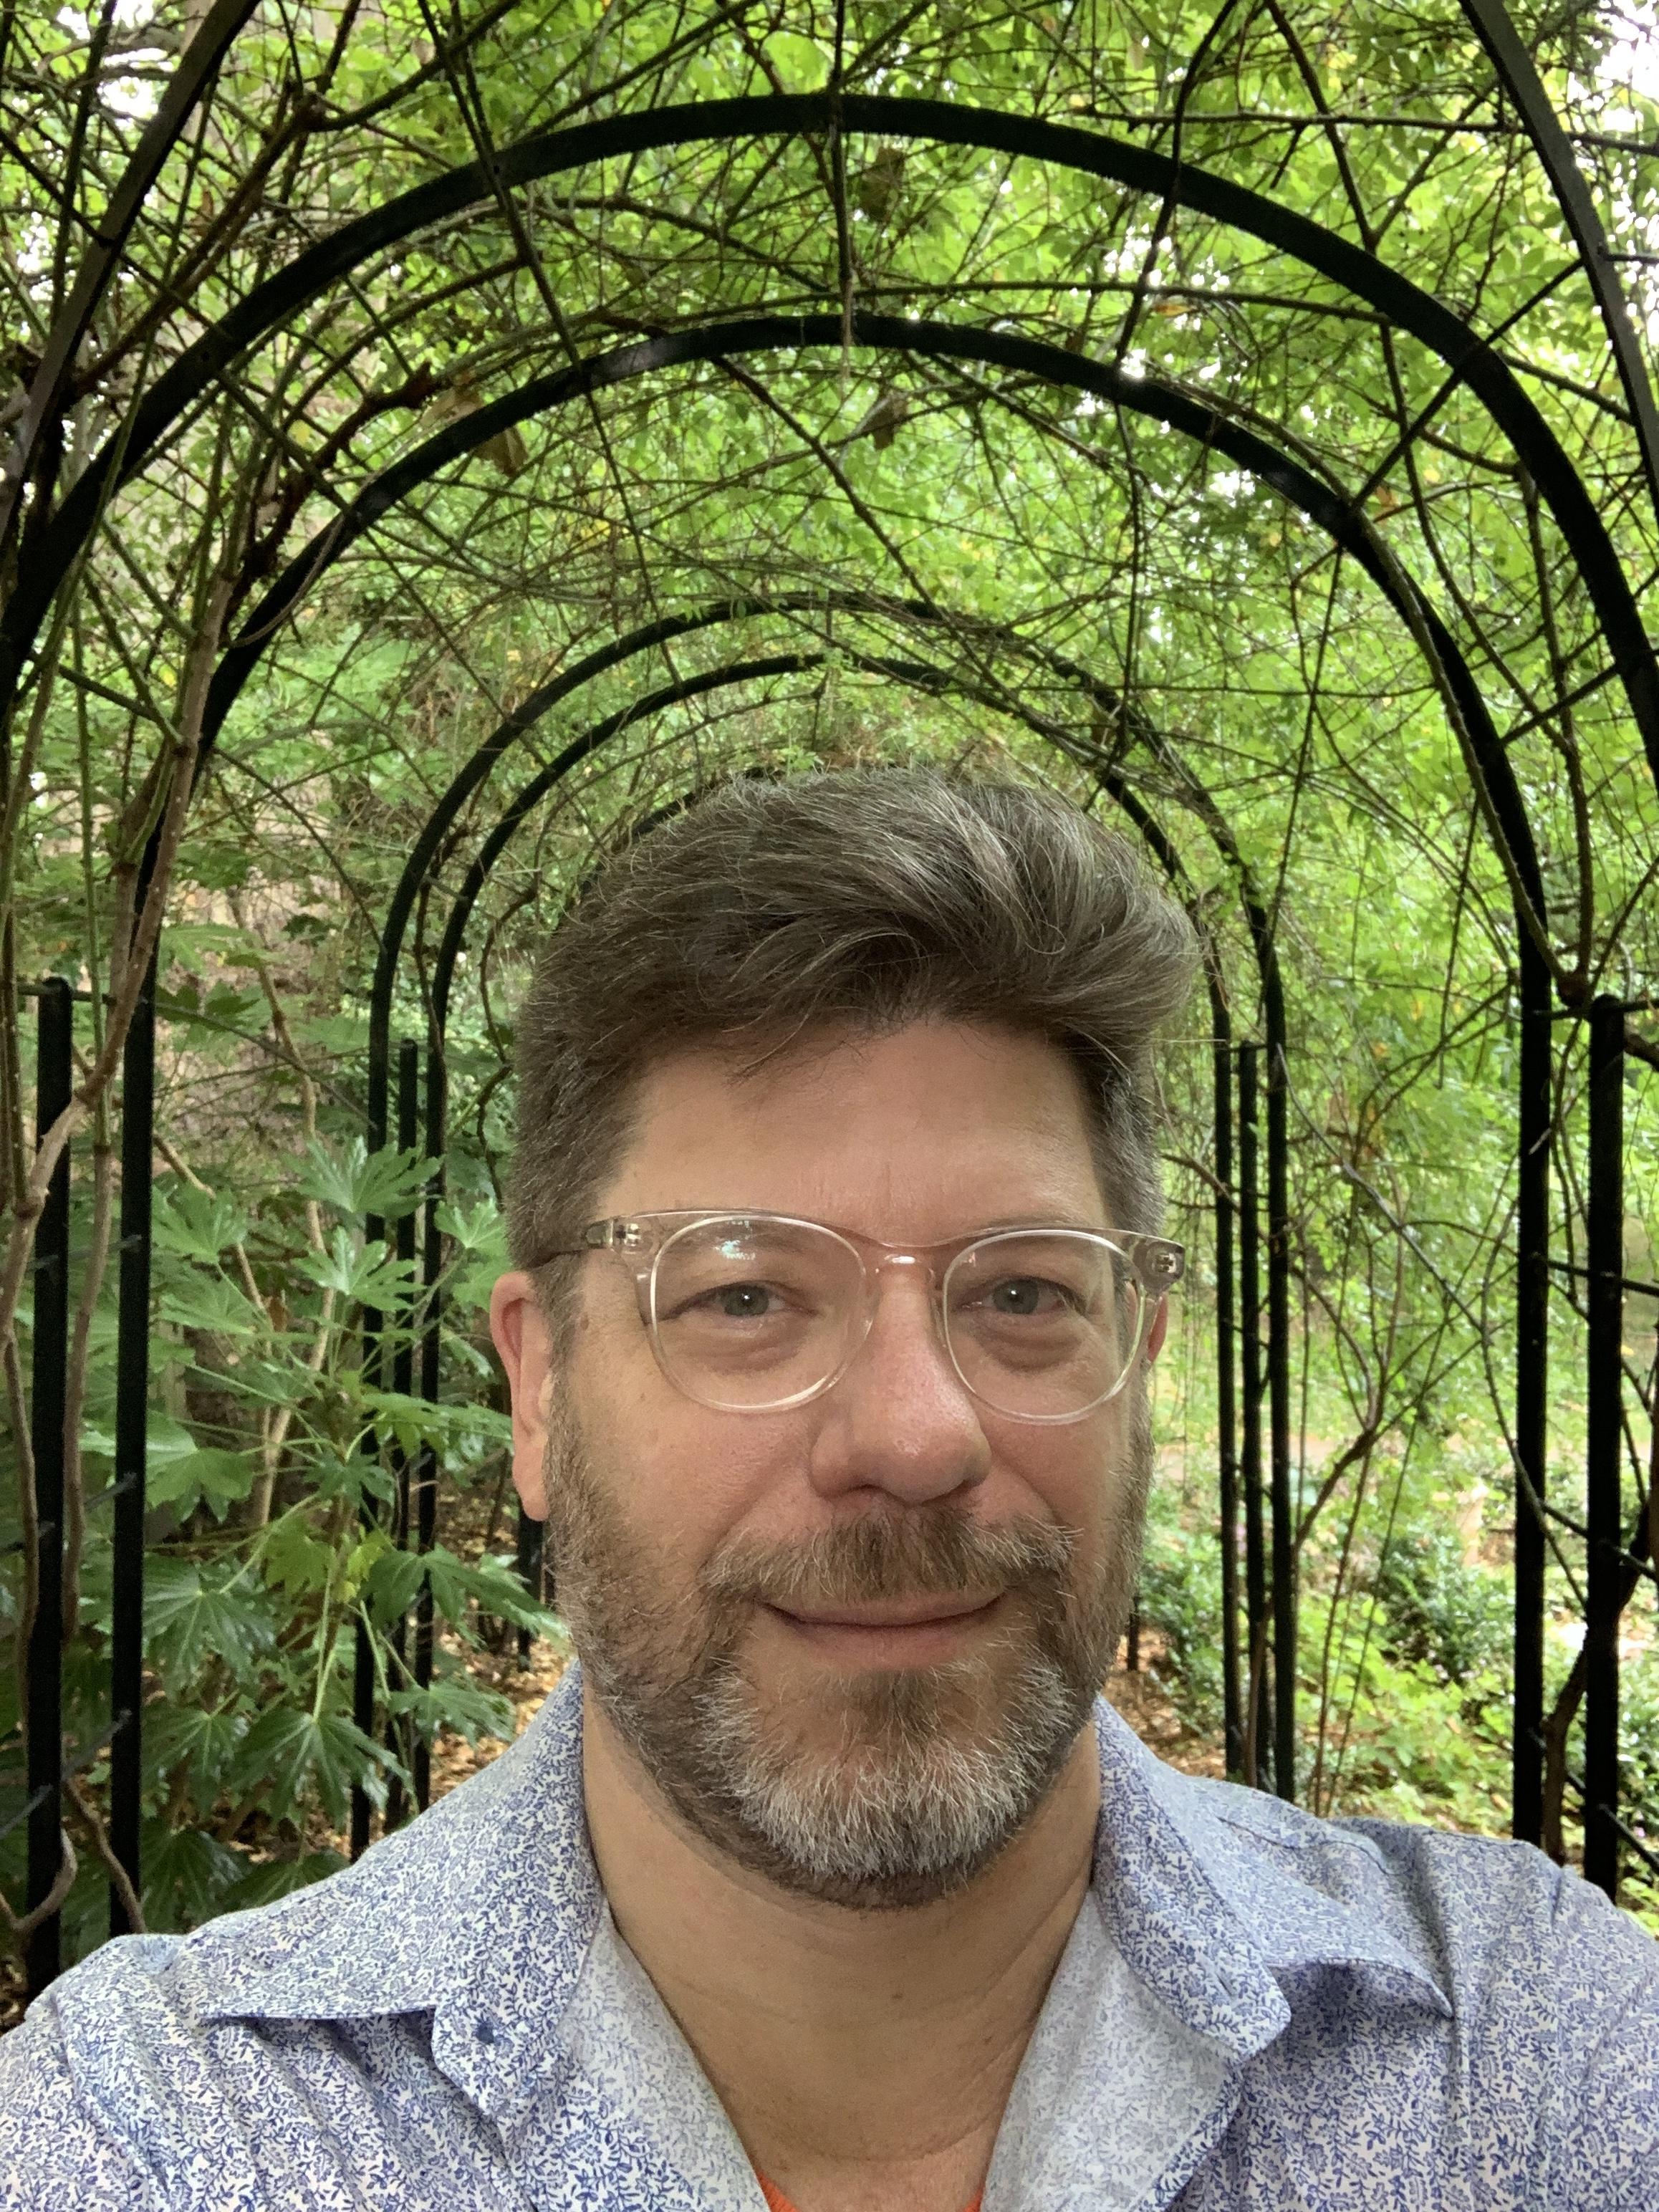 Me in the garden at Leighton House.